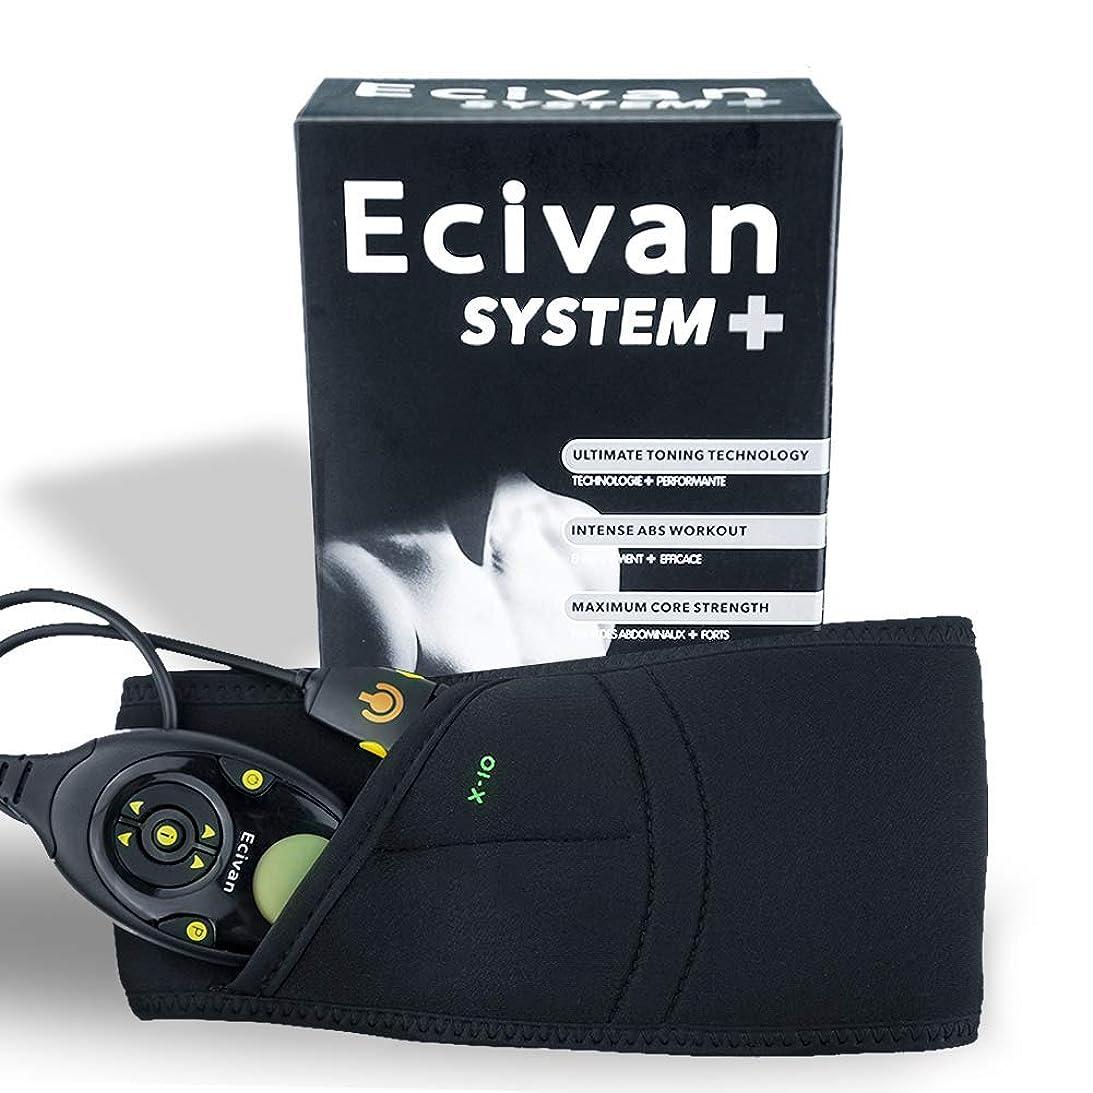 解釈する豪華な警官Ecivan EMS 腹筋ベルトボディフィットスリム トレーニング 電気振動マッサージ 痩身マシン 電動器具腹巻き USB充電 150階段